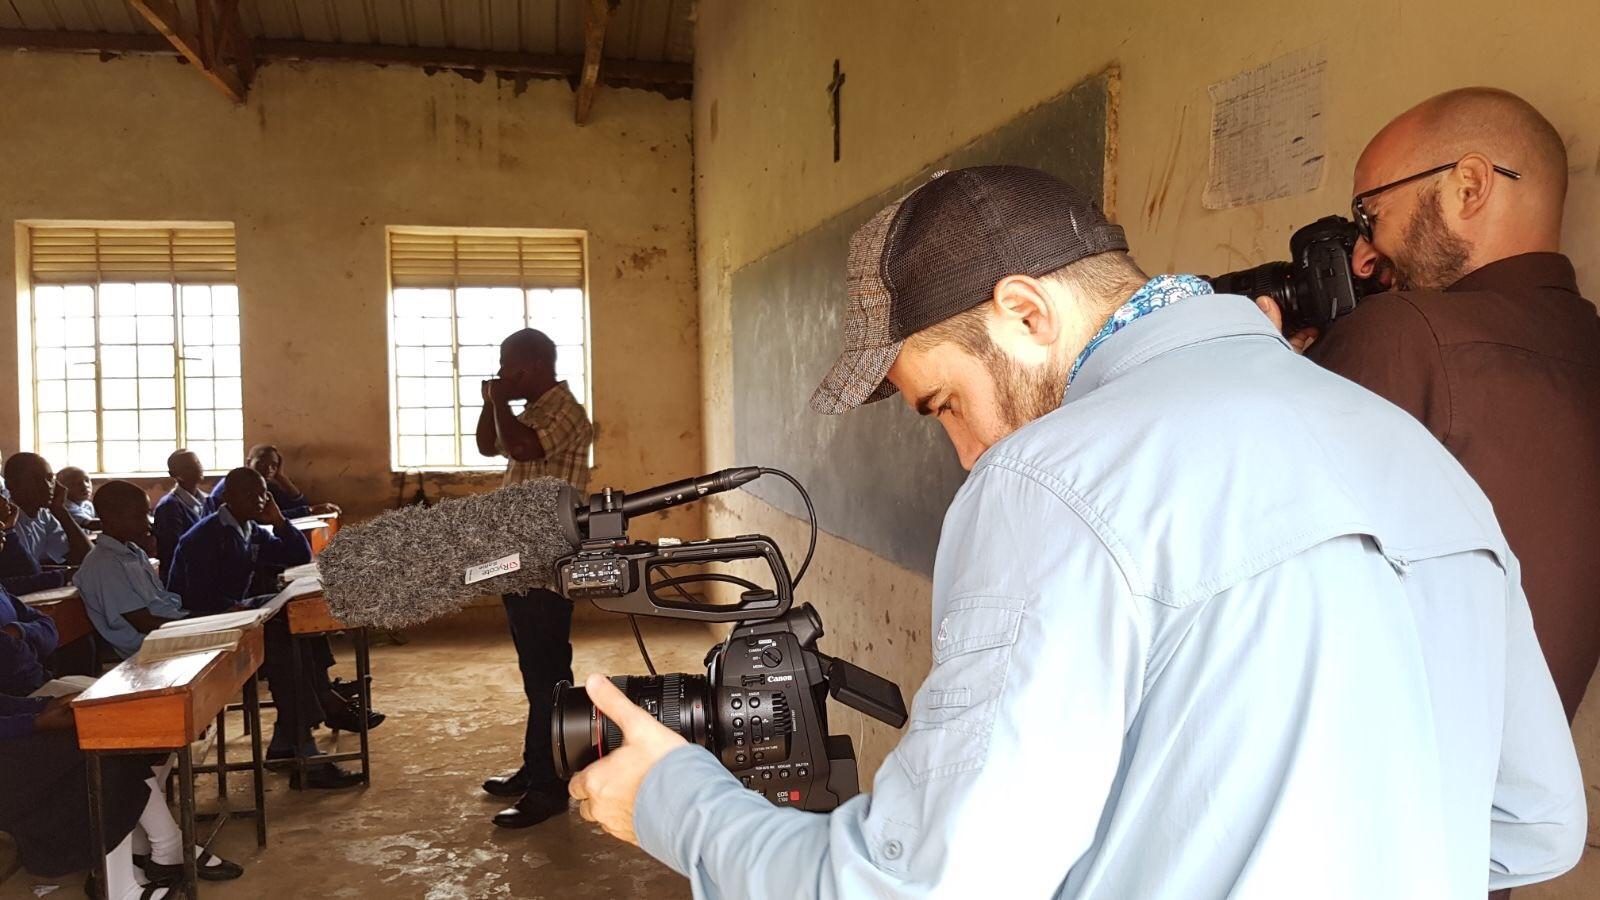 Filming In Uganda